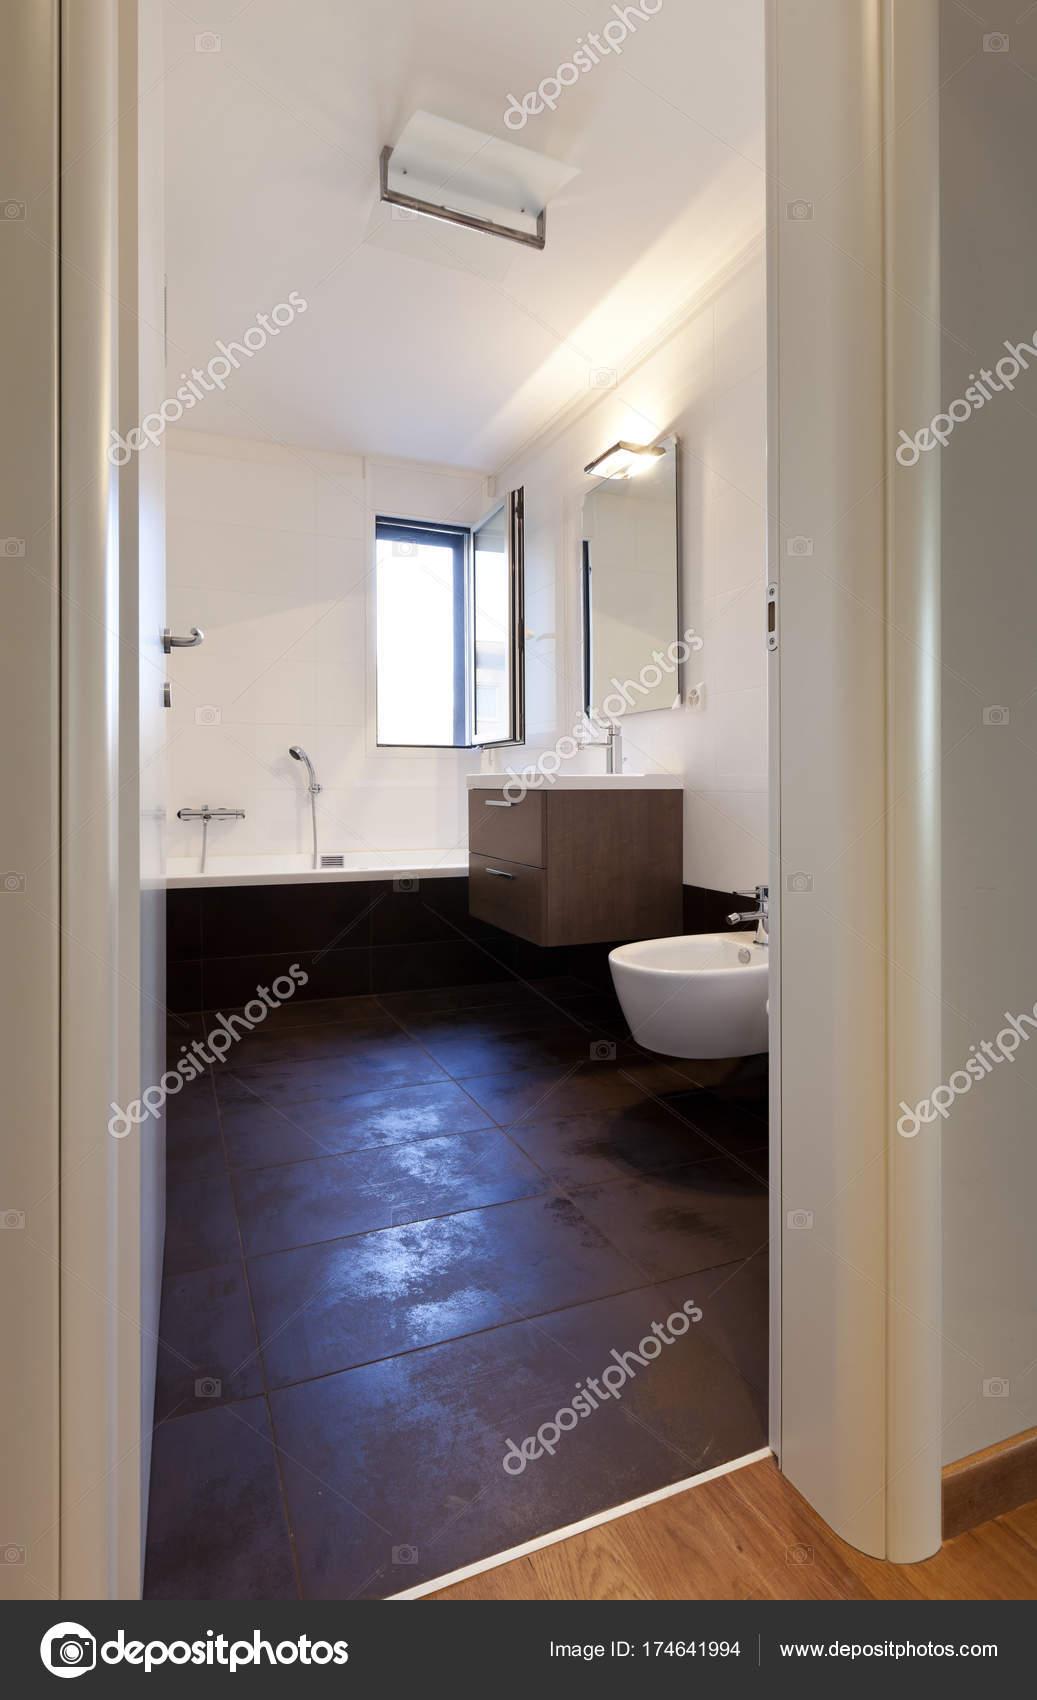 Modernes Haus Innenräume, niemand — Stockfoto © Zveiger #174641994